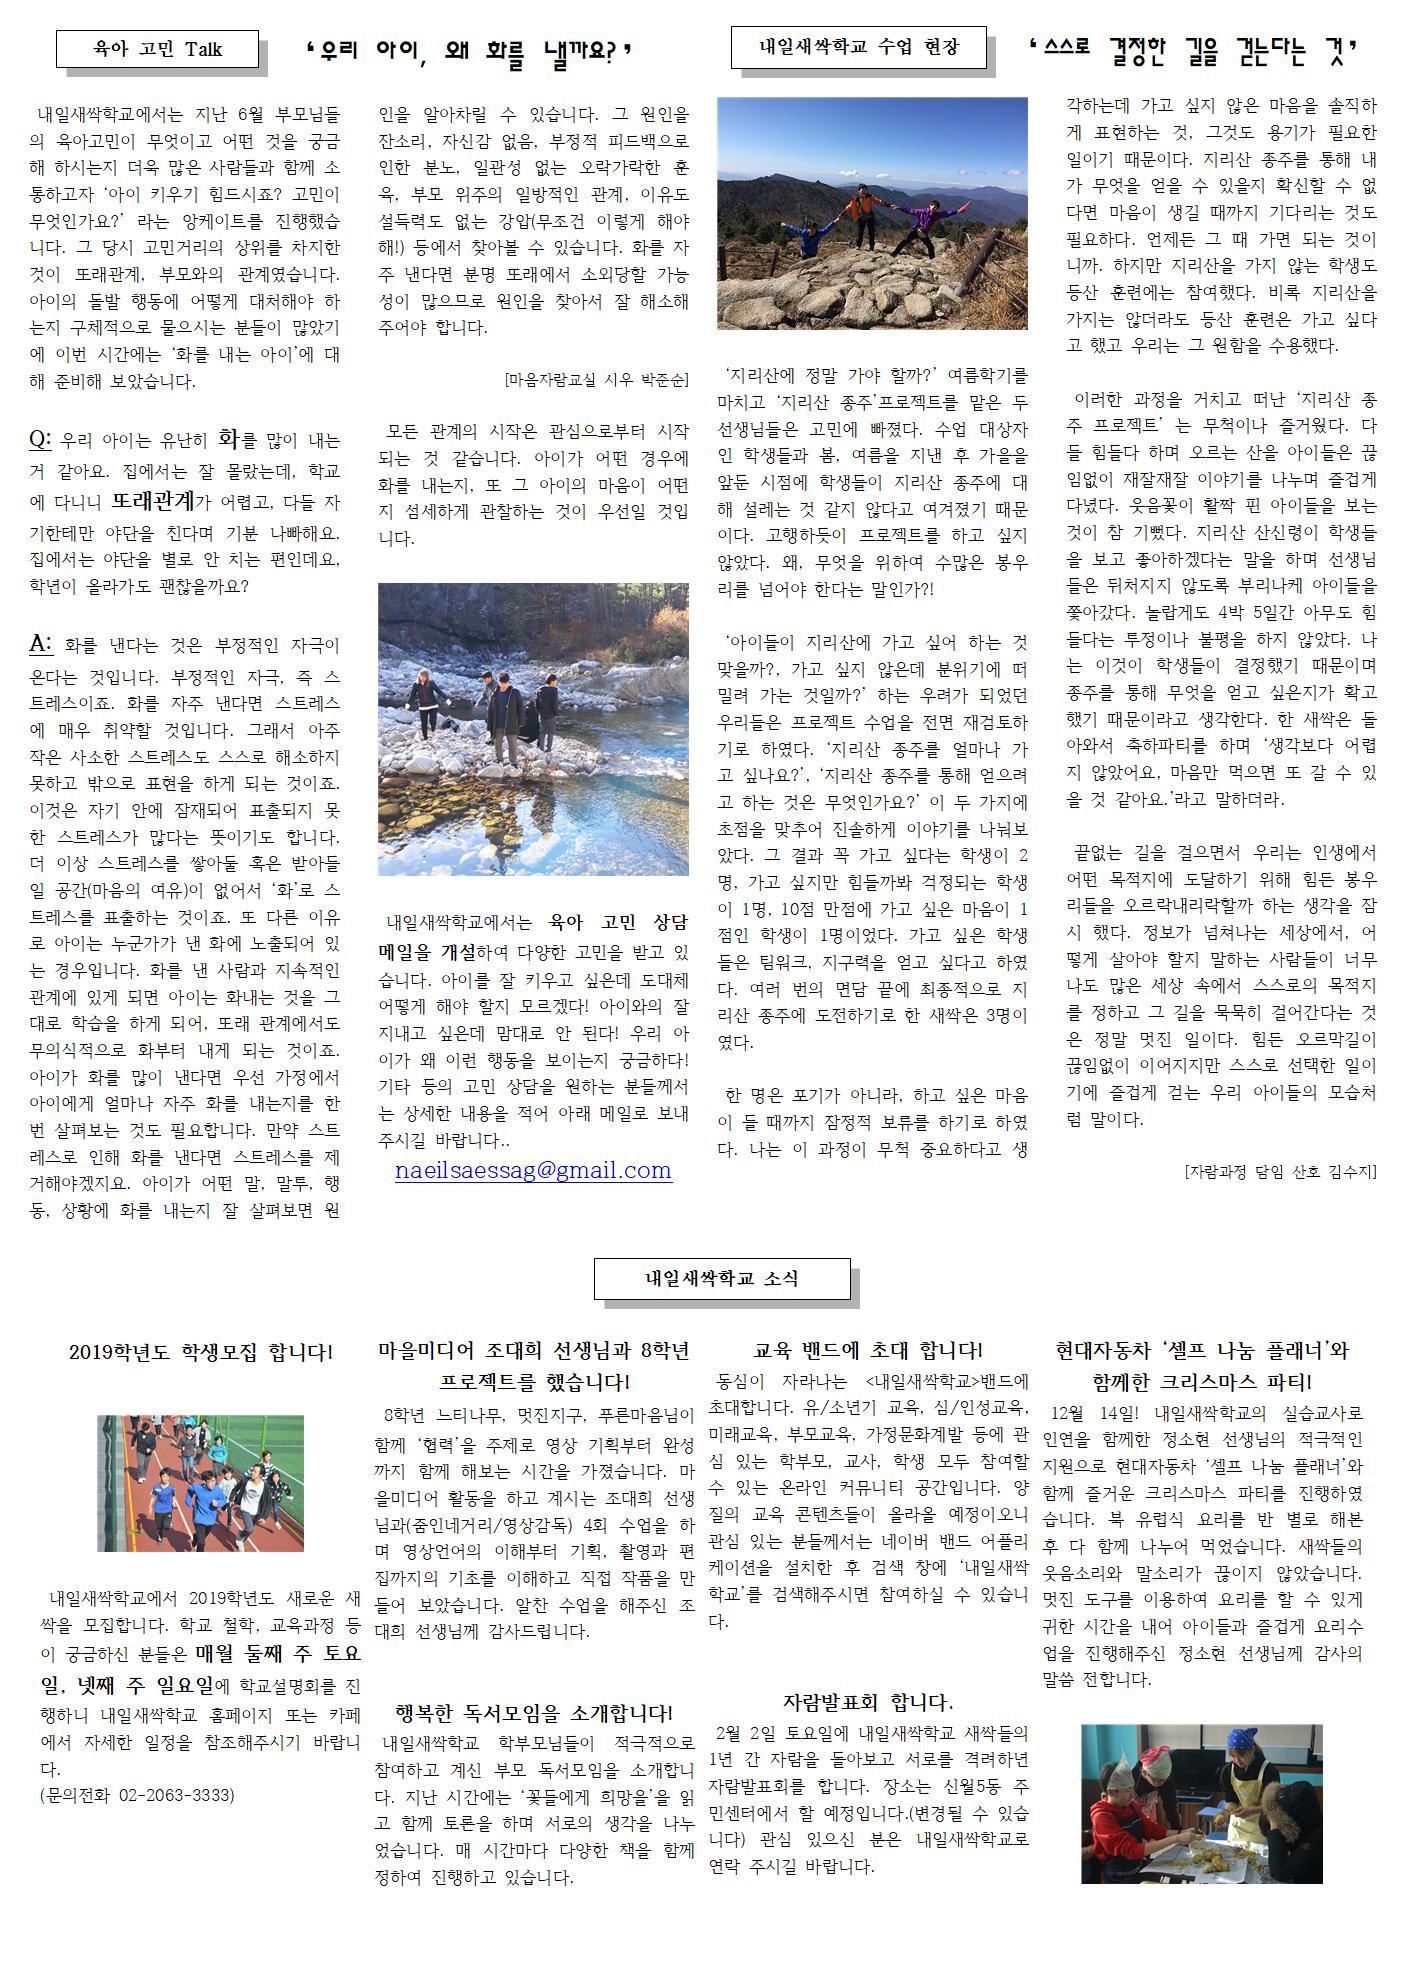 내일새싹저널(내일새싹학교) 겨울호_수정본002.jpg